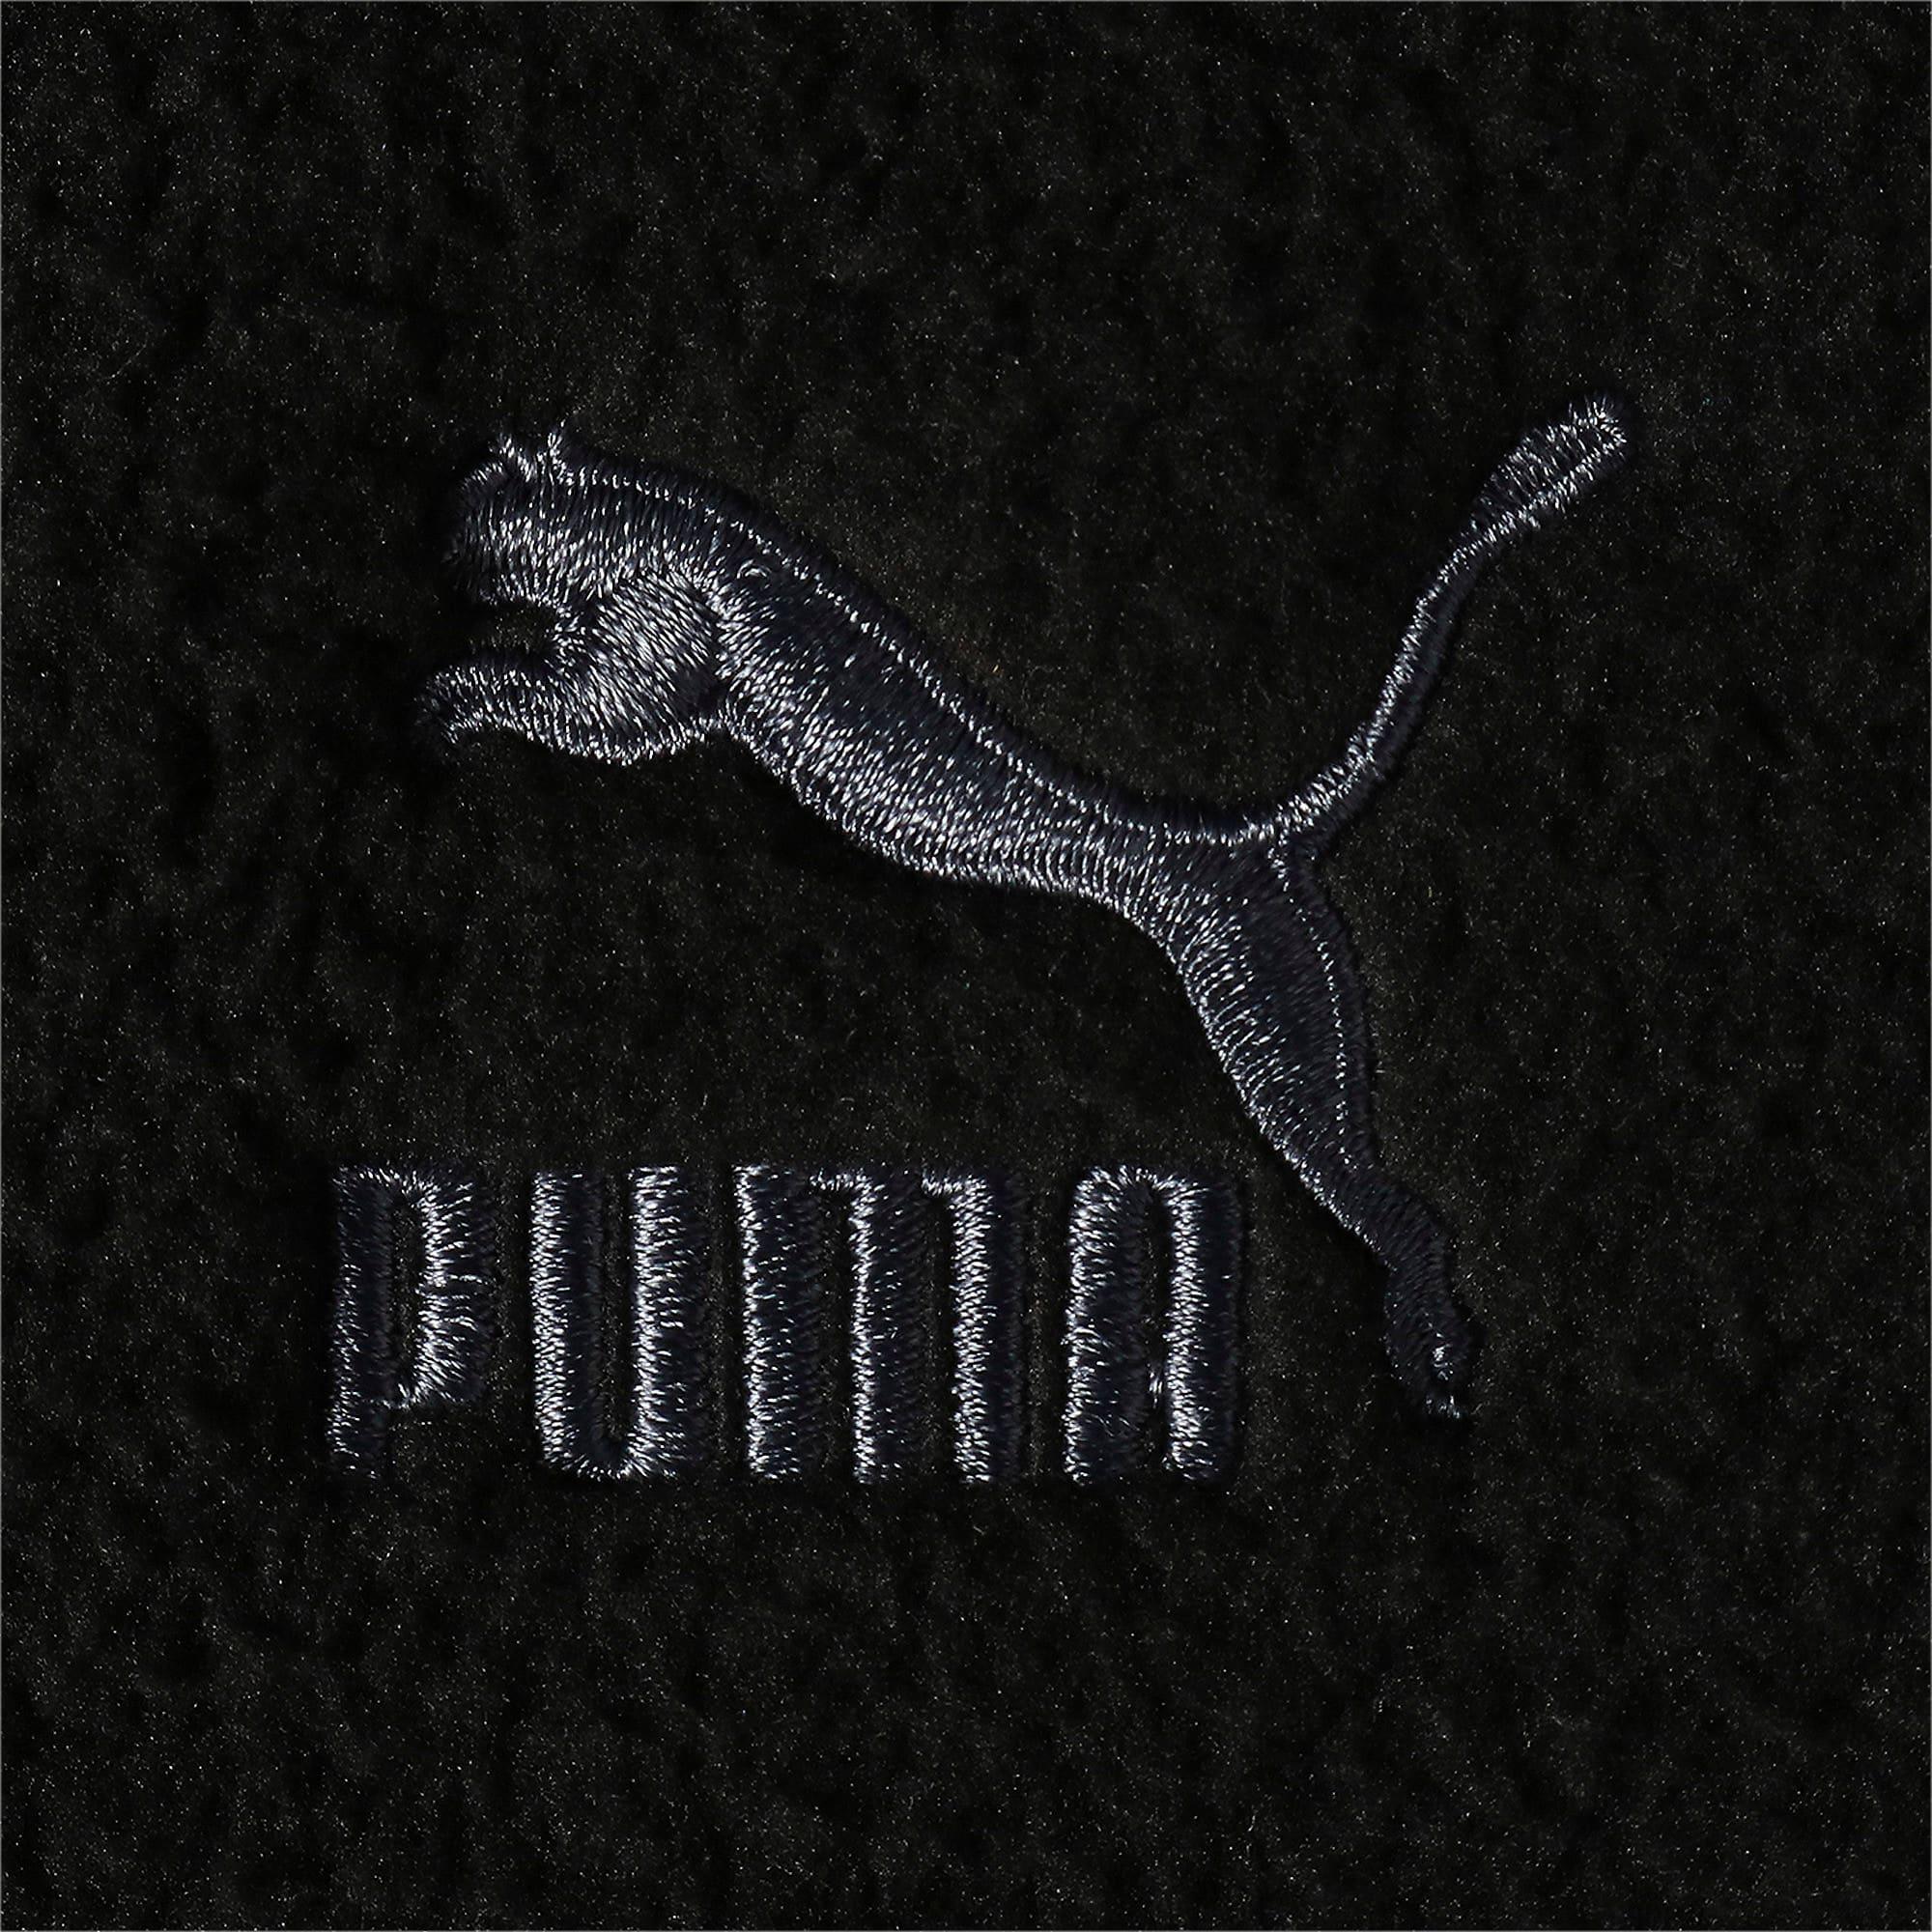 Thumbnail 4 of XTG トレイル フリースベスト, Puma Black, medium-JPN